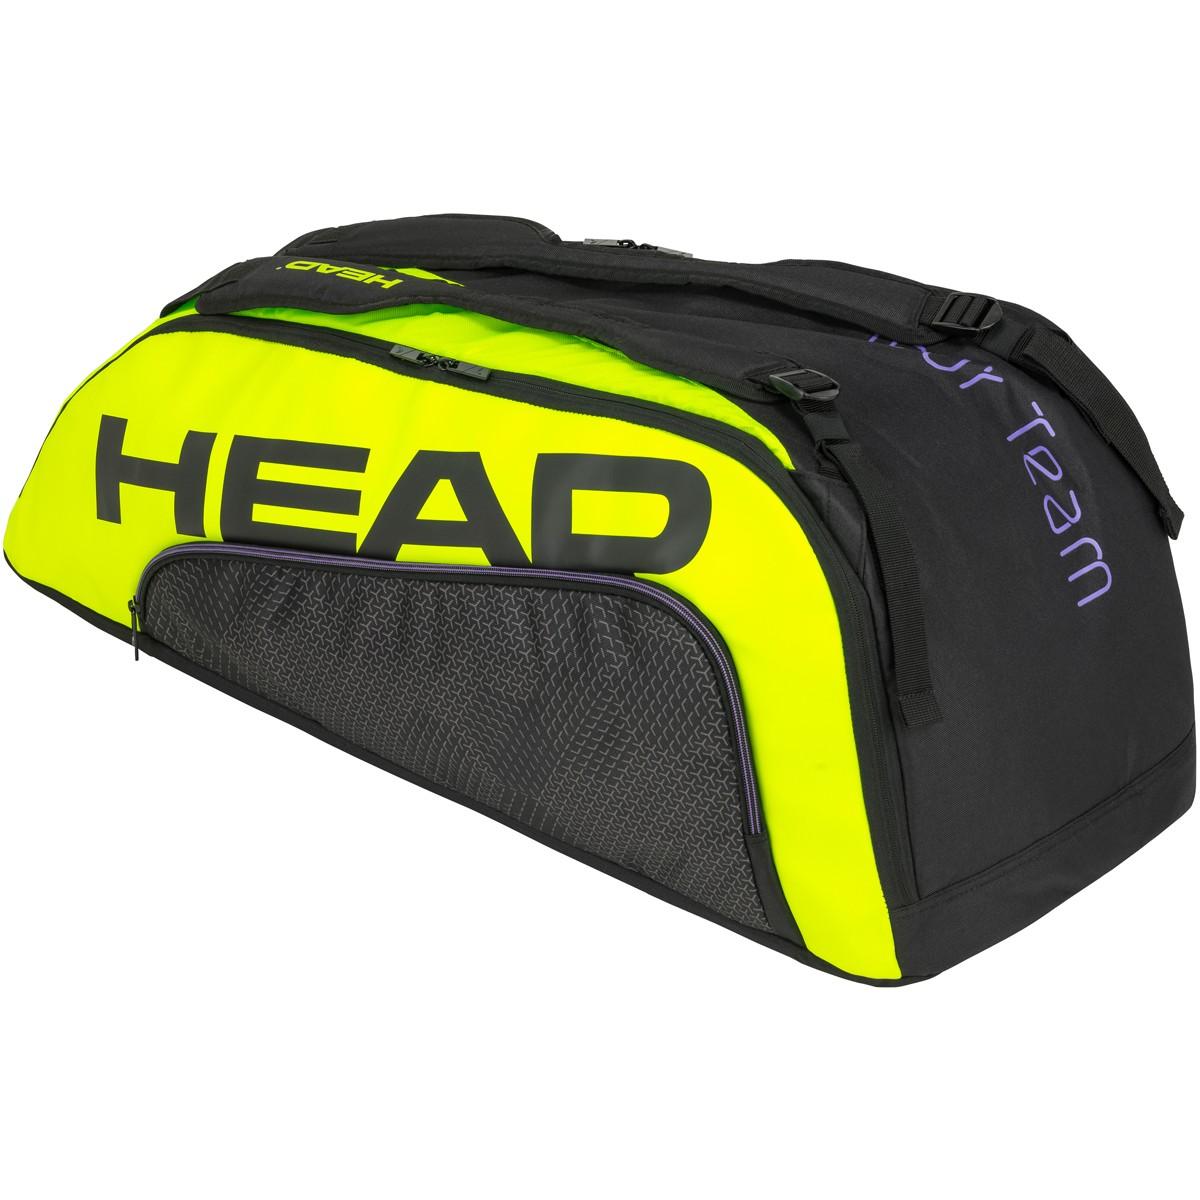 HEAD TOUR TEAM EXTREME SUPERCOMBI 9R TENNIS BAG